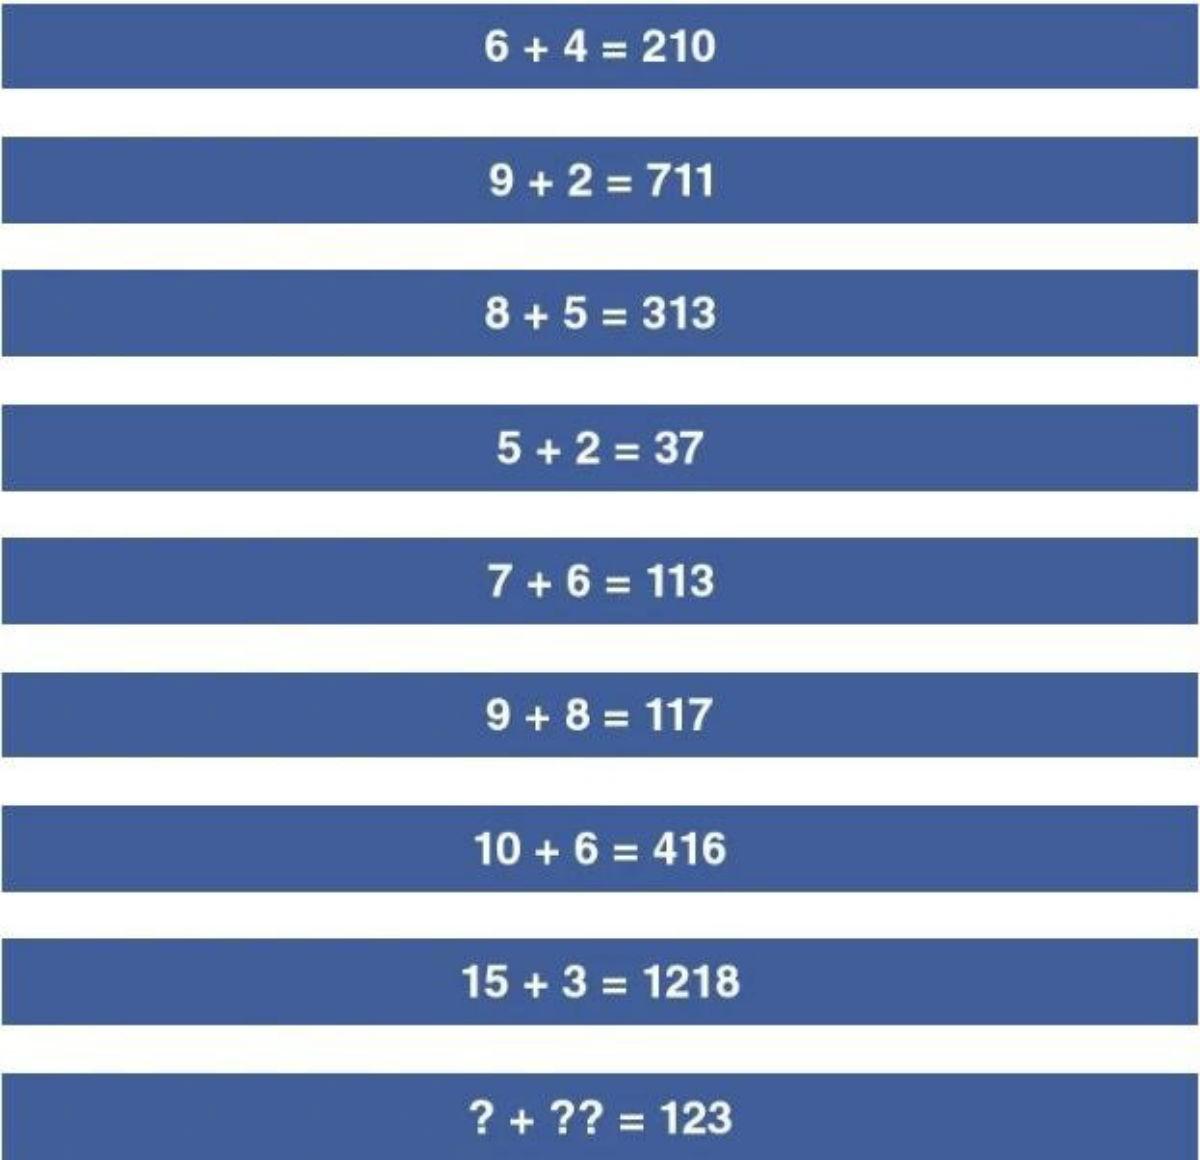 Этот тест позволит с прицельной точностью проверить ваш интеллект